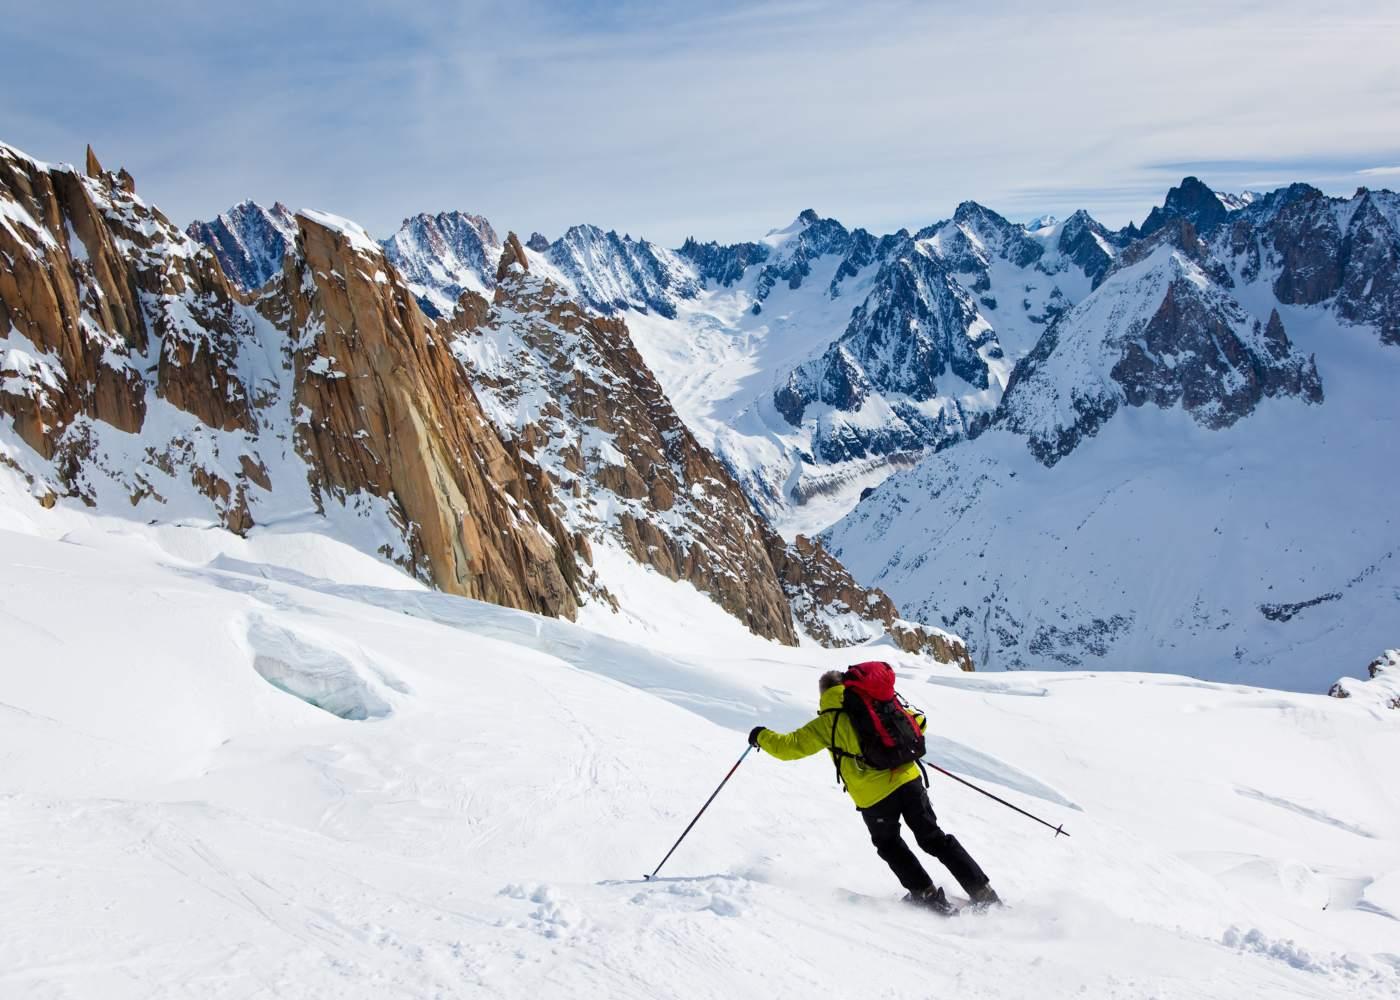 Homem a esquiar em estância de ski